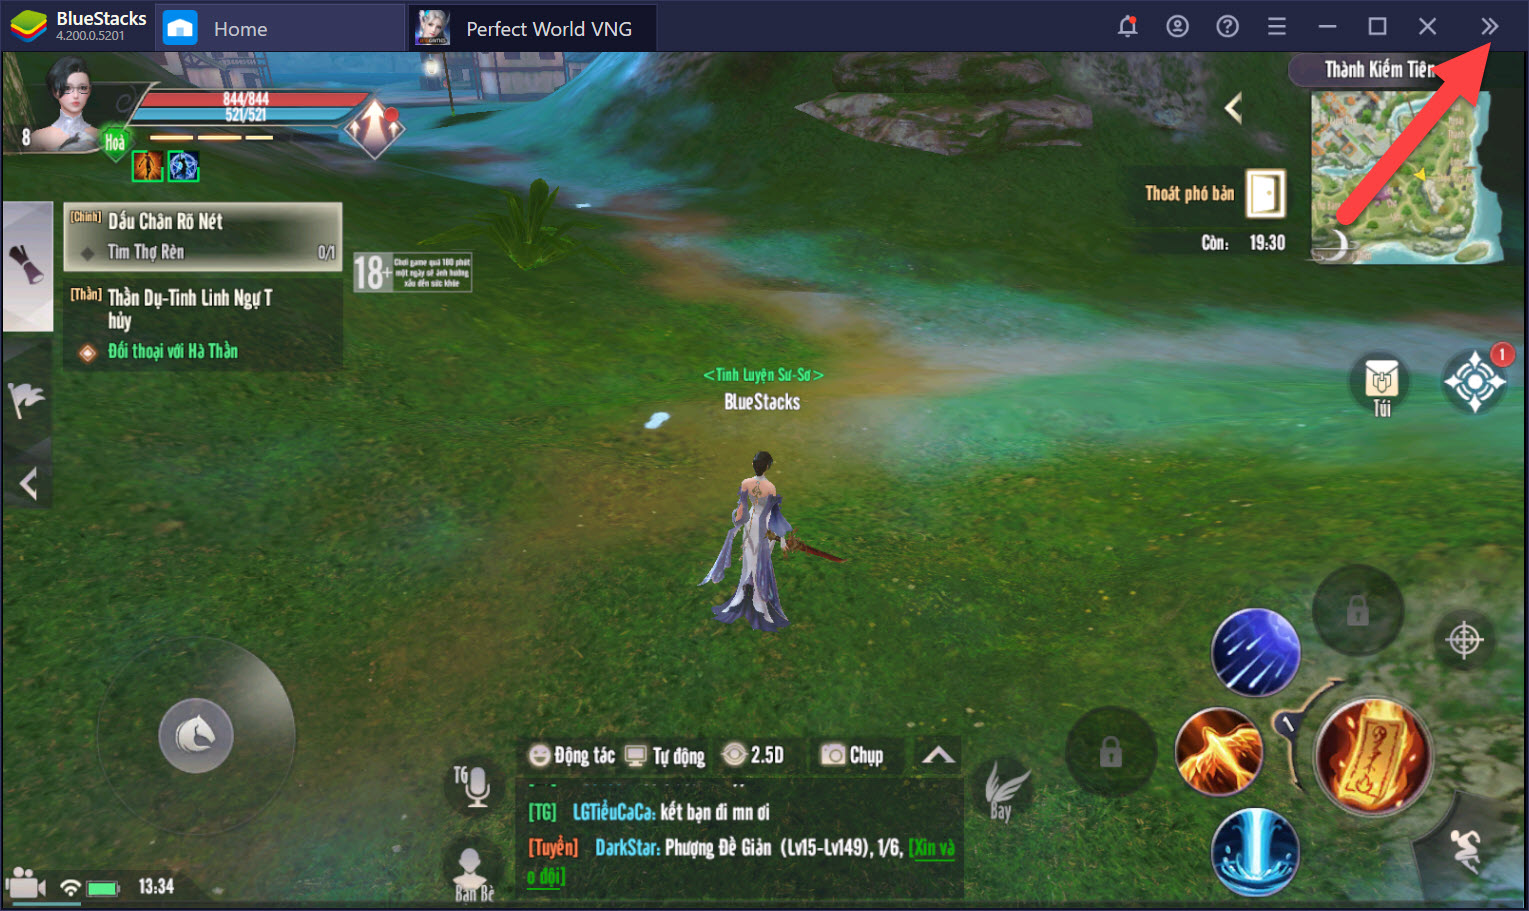 Thiết lập Game Controls, nâng cao trải nghiệm gameplay Perfect World VNG